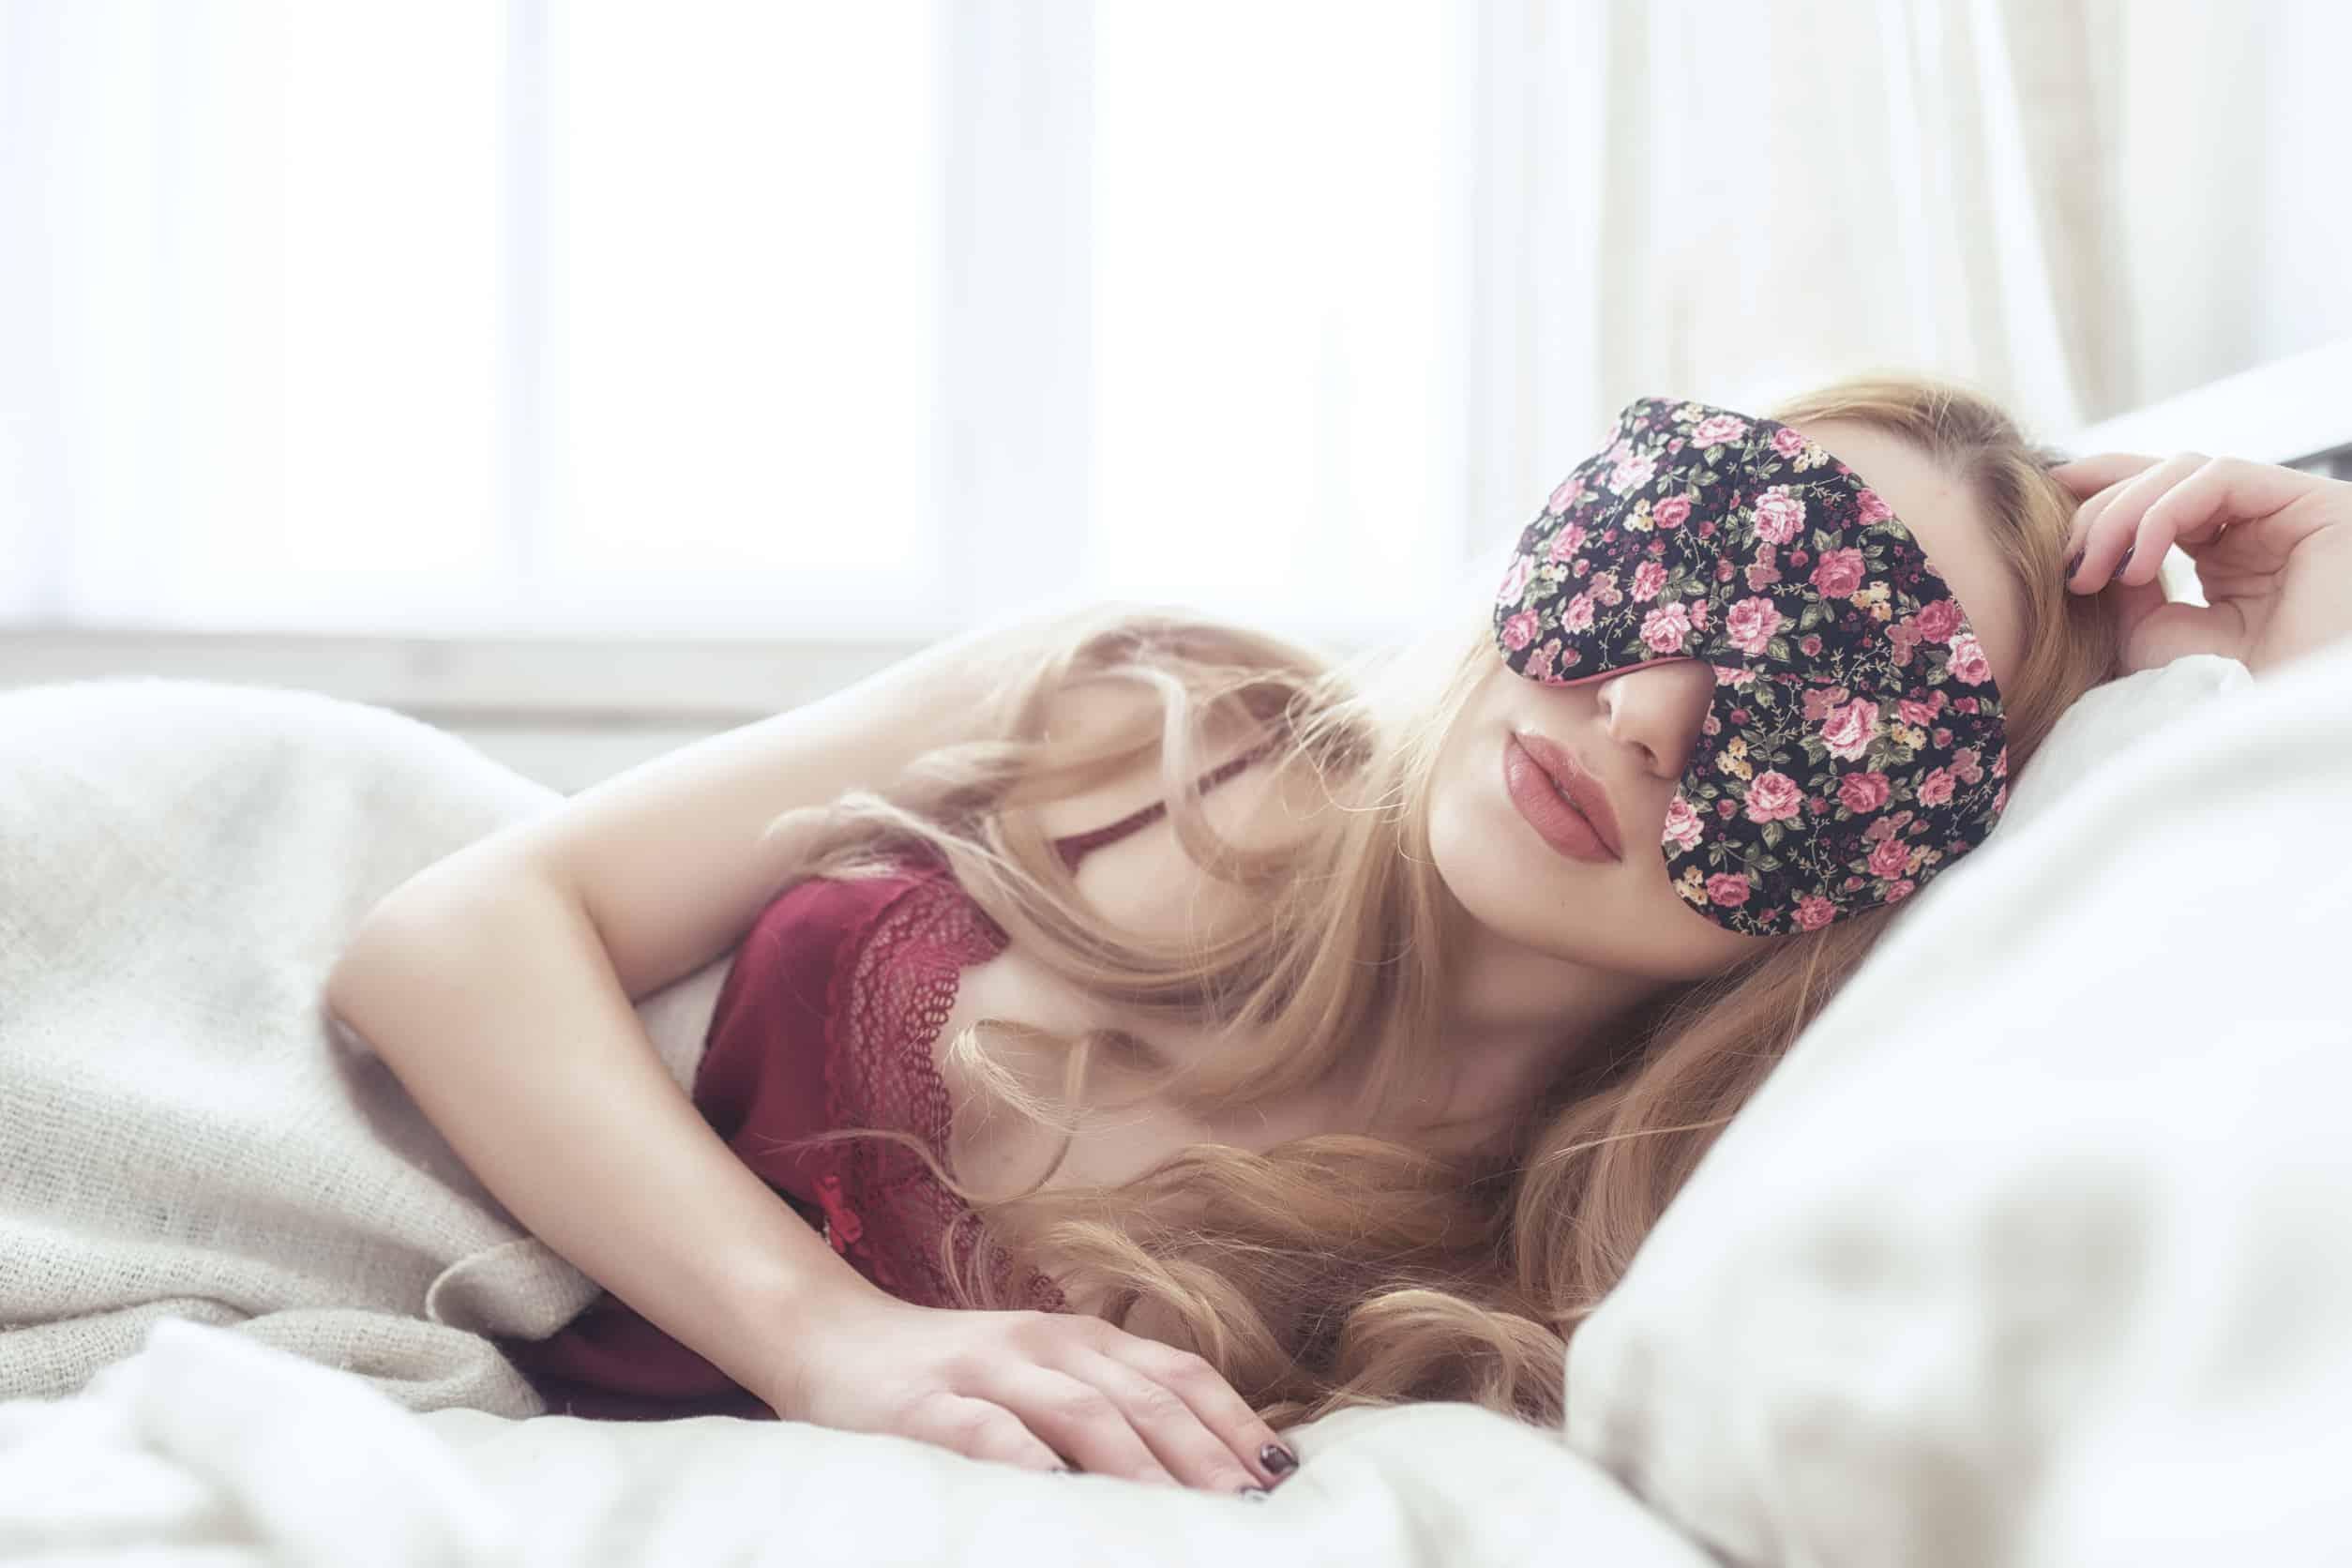 Schlafmaske: Test & Empfehlungen (07/20)